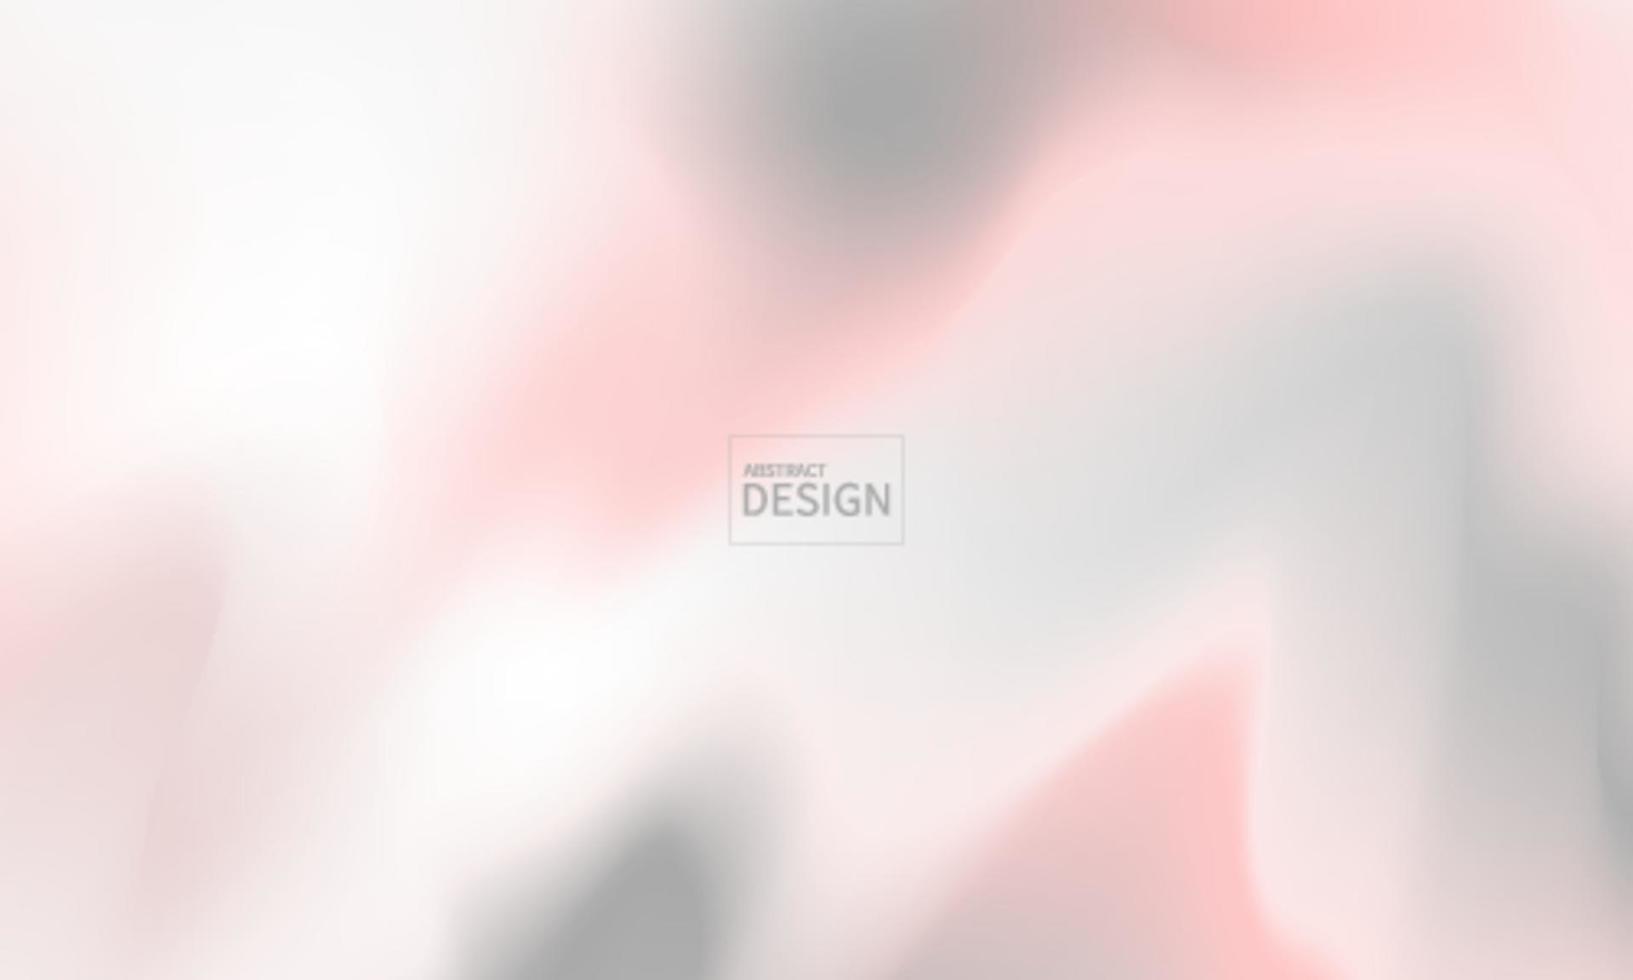 concetto di ecologia astratto sfondo sfumato pastello per la progettazione grafica vettore